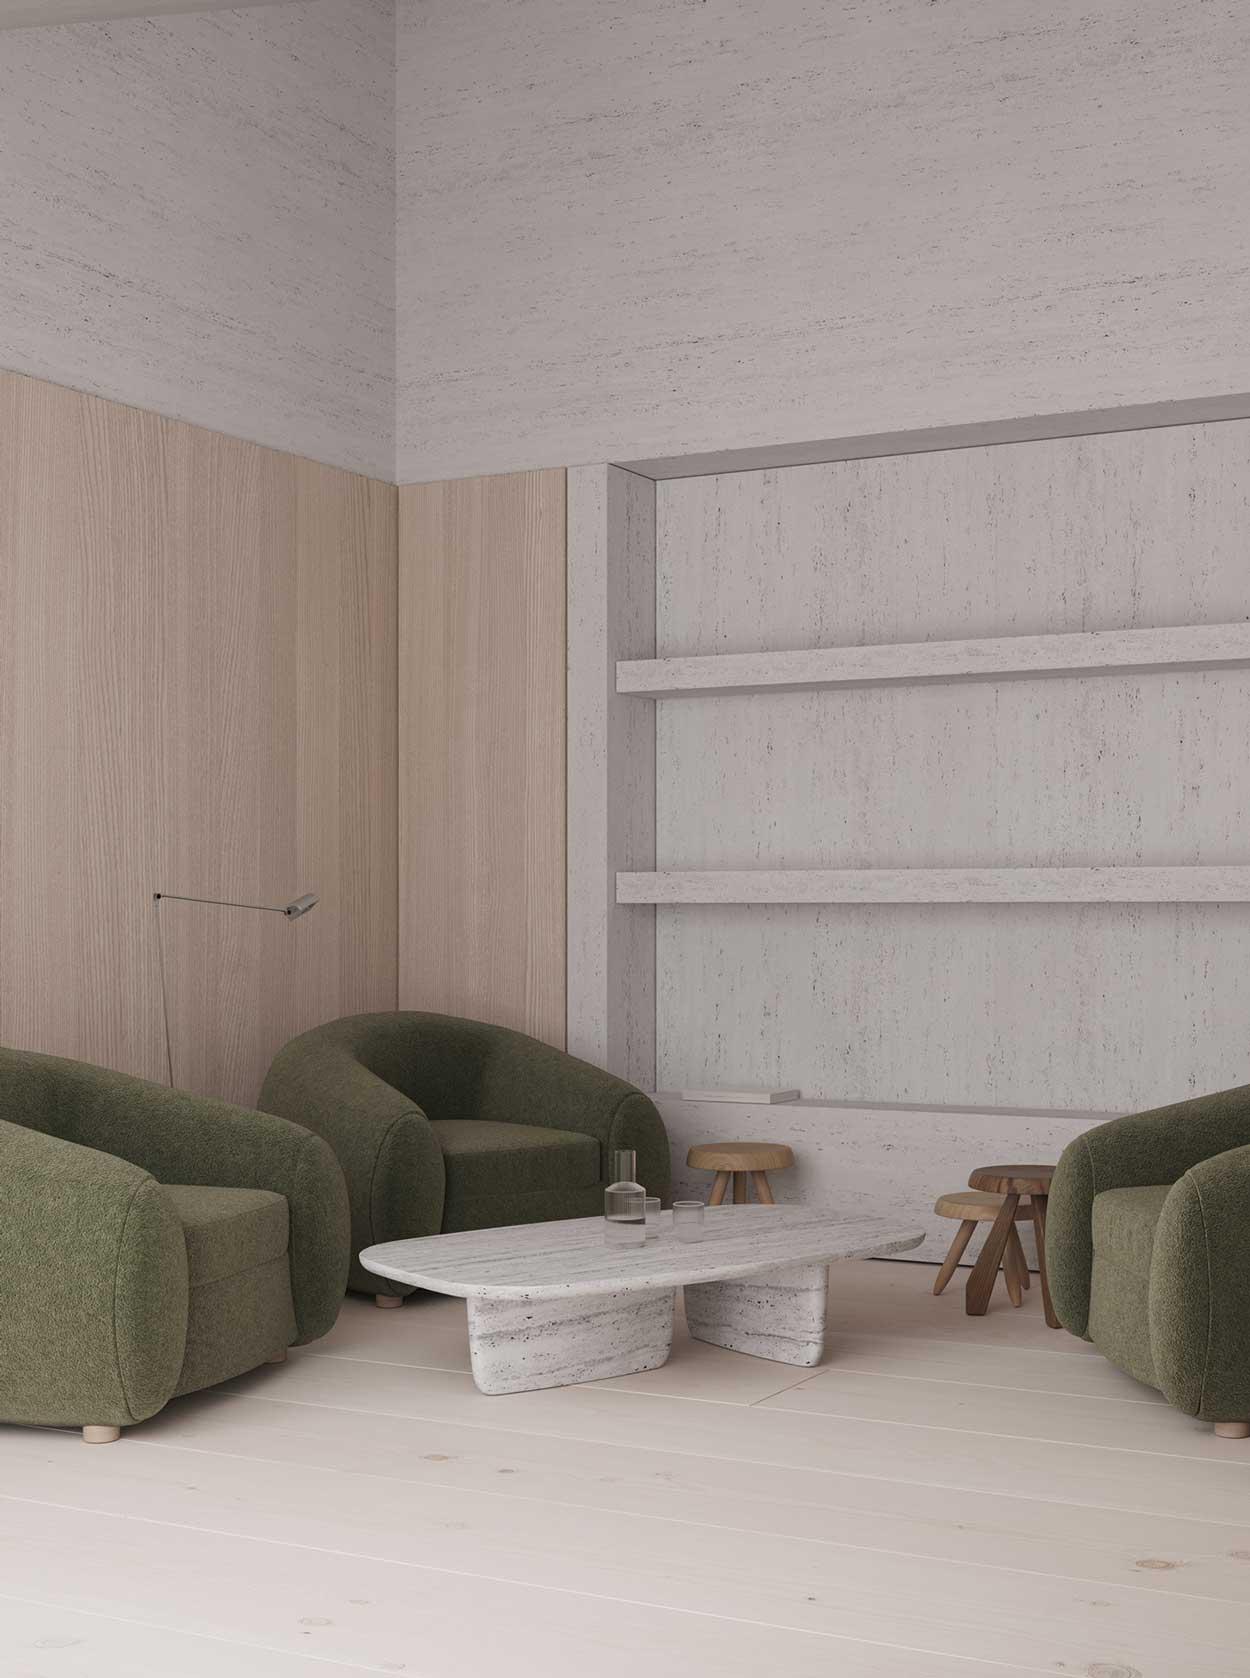 Un coin salon en bois blond et béton blanc avec des fauteuils en velours